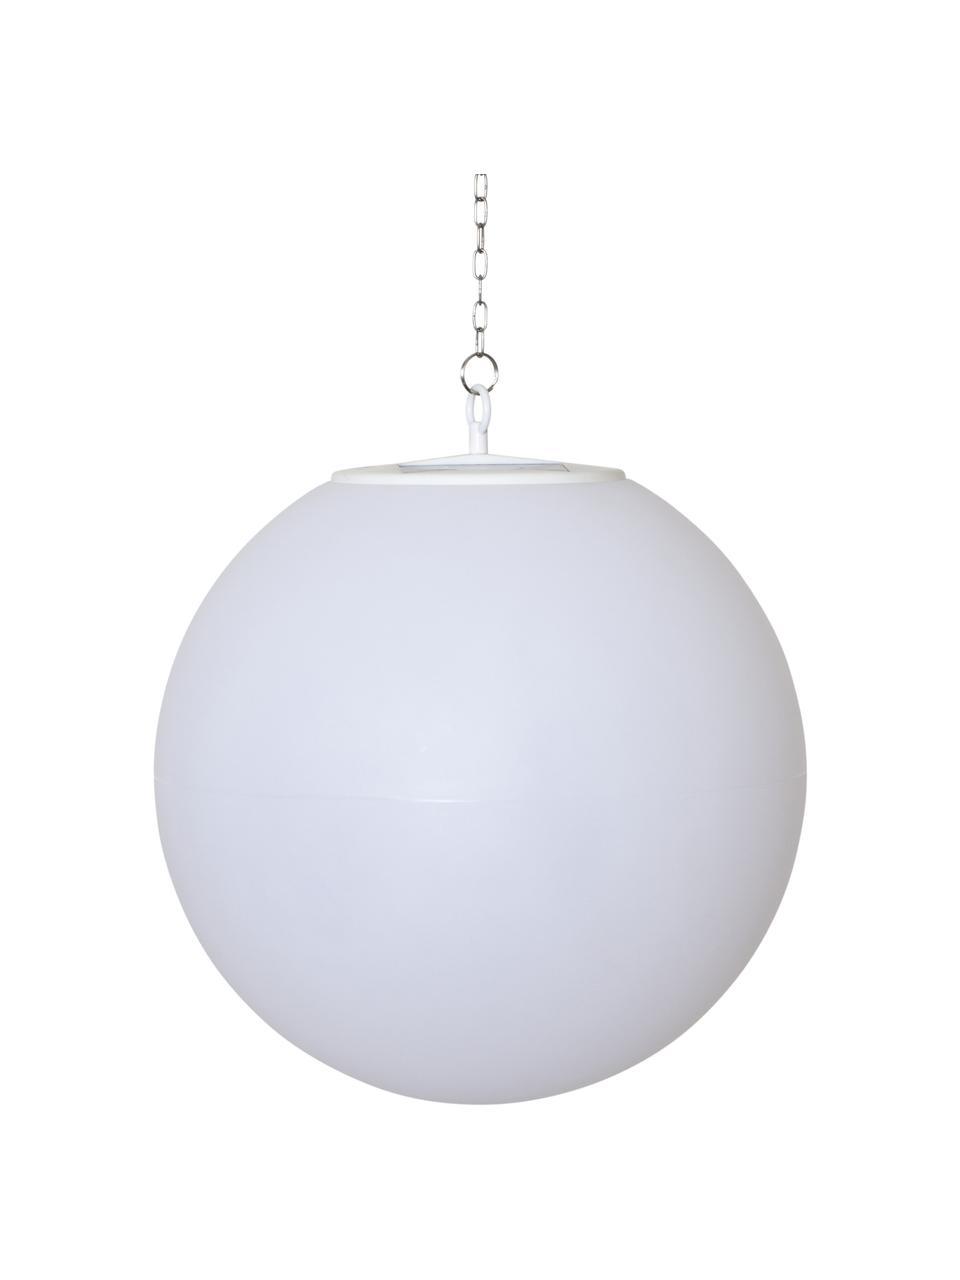 Lampe boule solaire d'extérieur LED Globy, Blanc